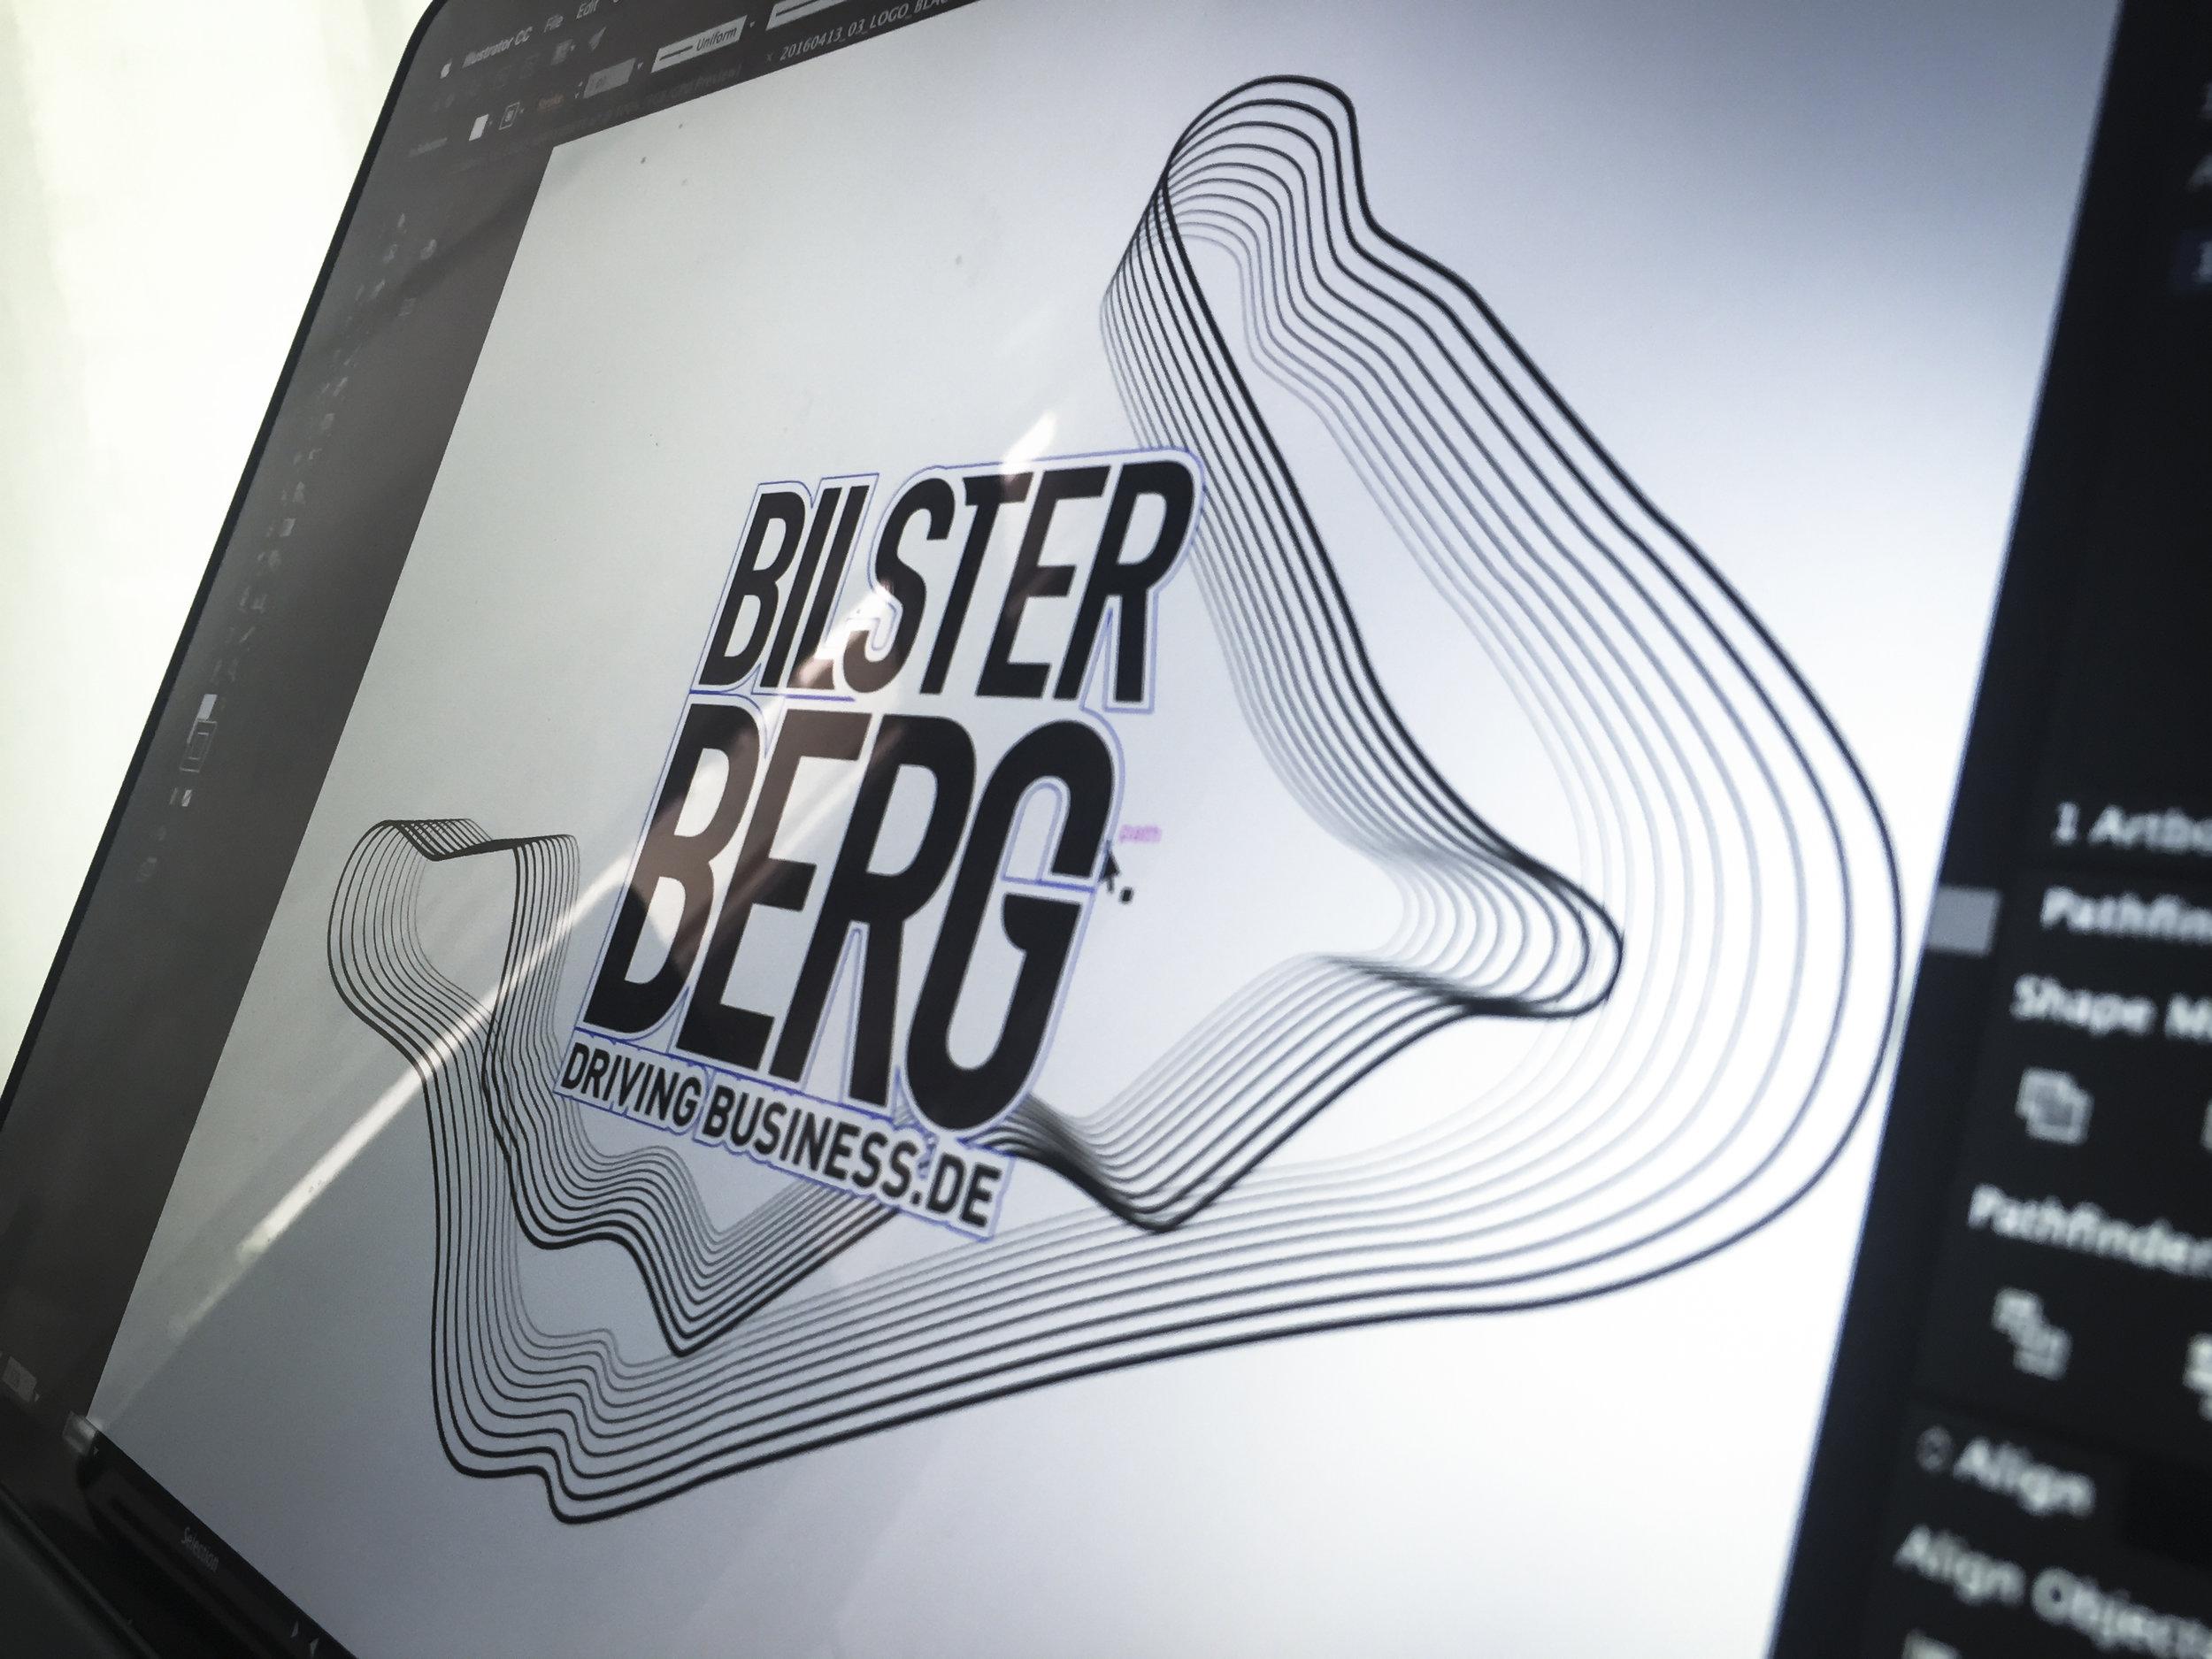 Das neue Markenlogo und gesamte Rebranding entstanden mit dem Kölner Designer   Jan Kötting